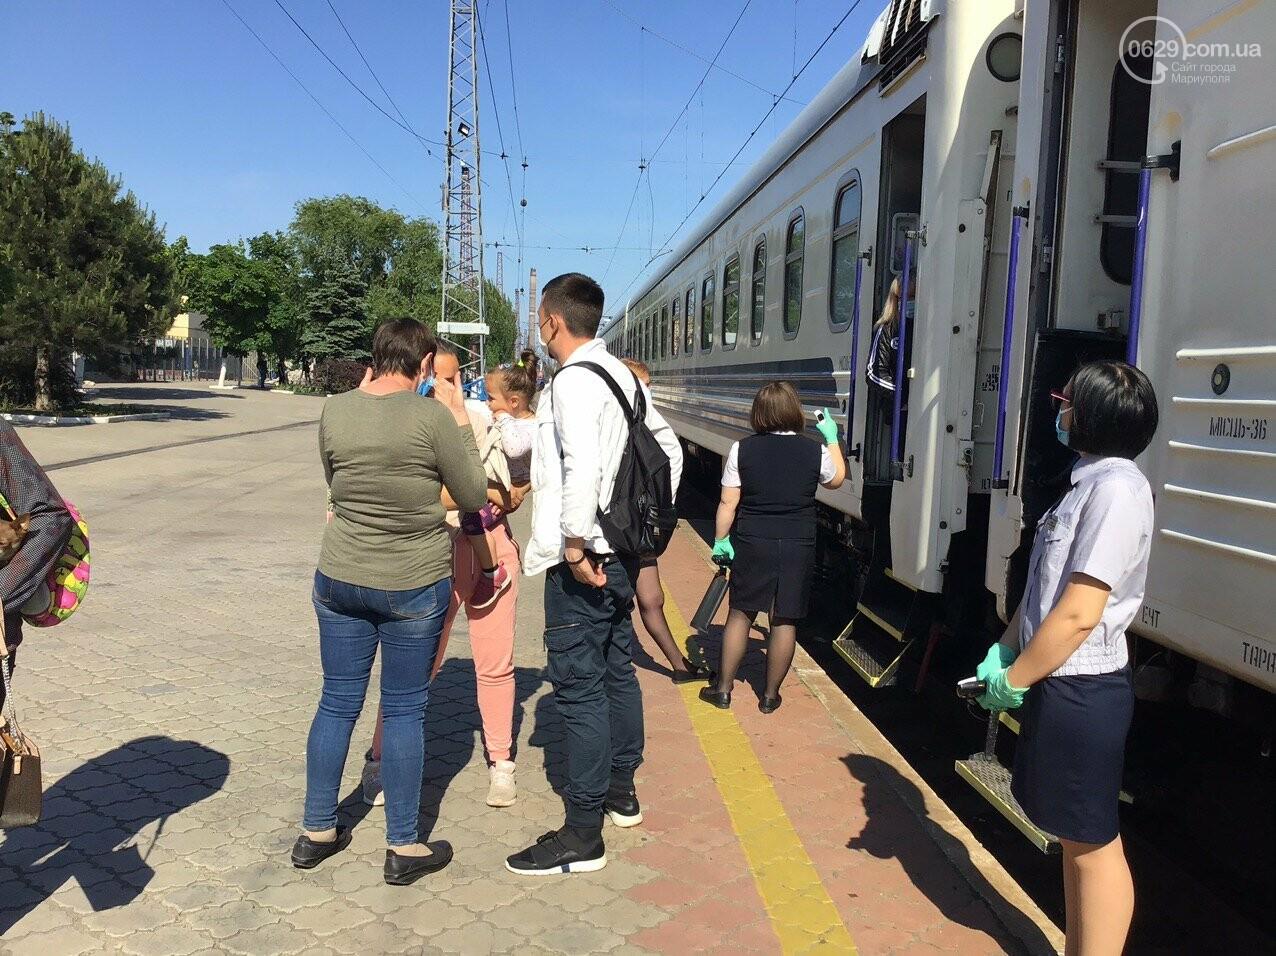 Из Мариуполя отправился первый поезд в Киев, - ФОТОРЕПОРТАЖ, ВИДЕО, фото-6